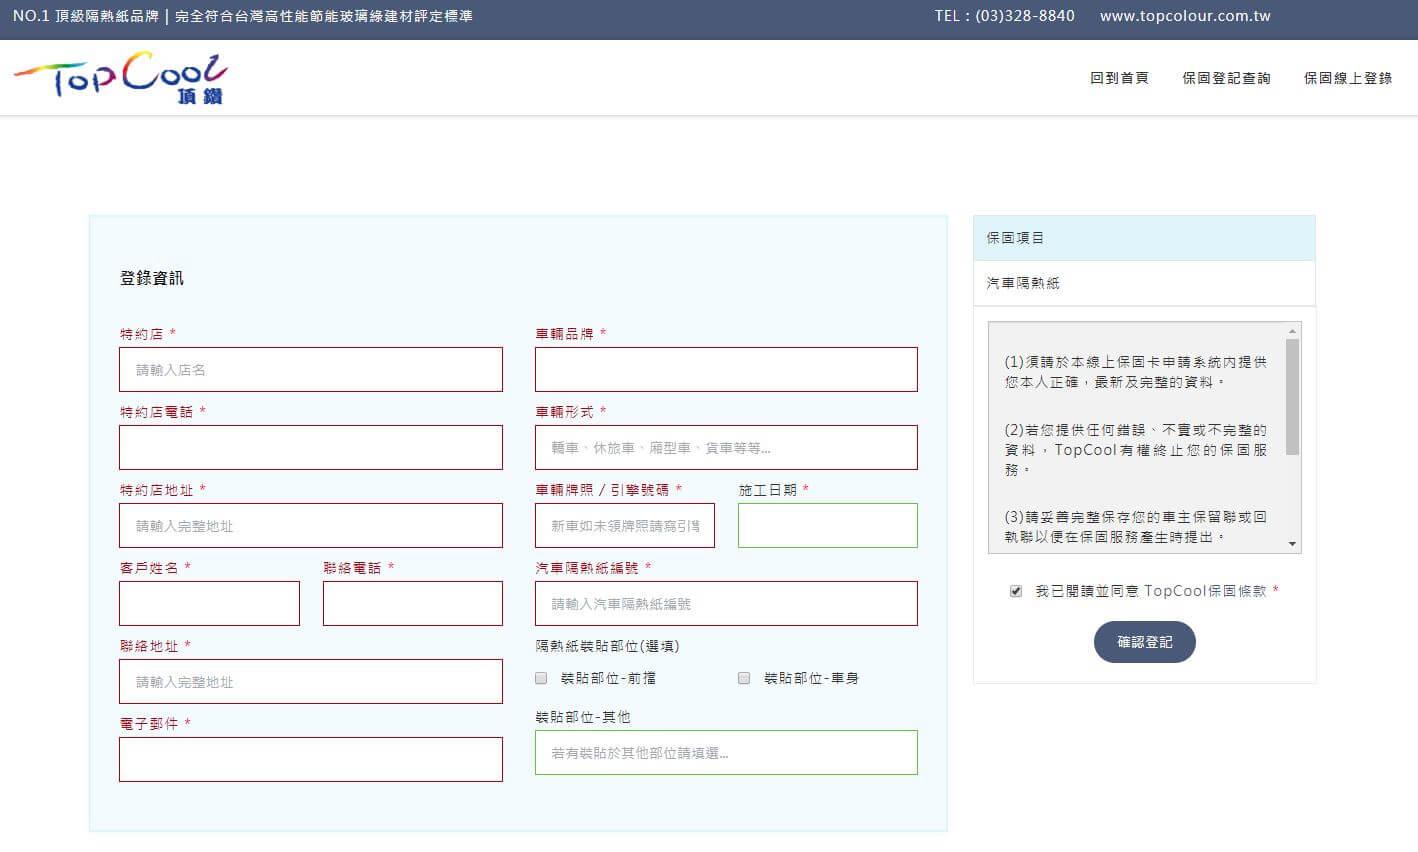 主上數位客戶案例-頂鑽隔熱紙填寫購買資訊並完成登記